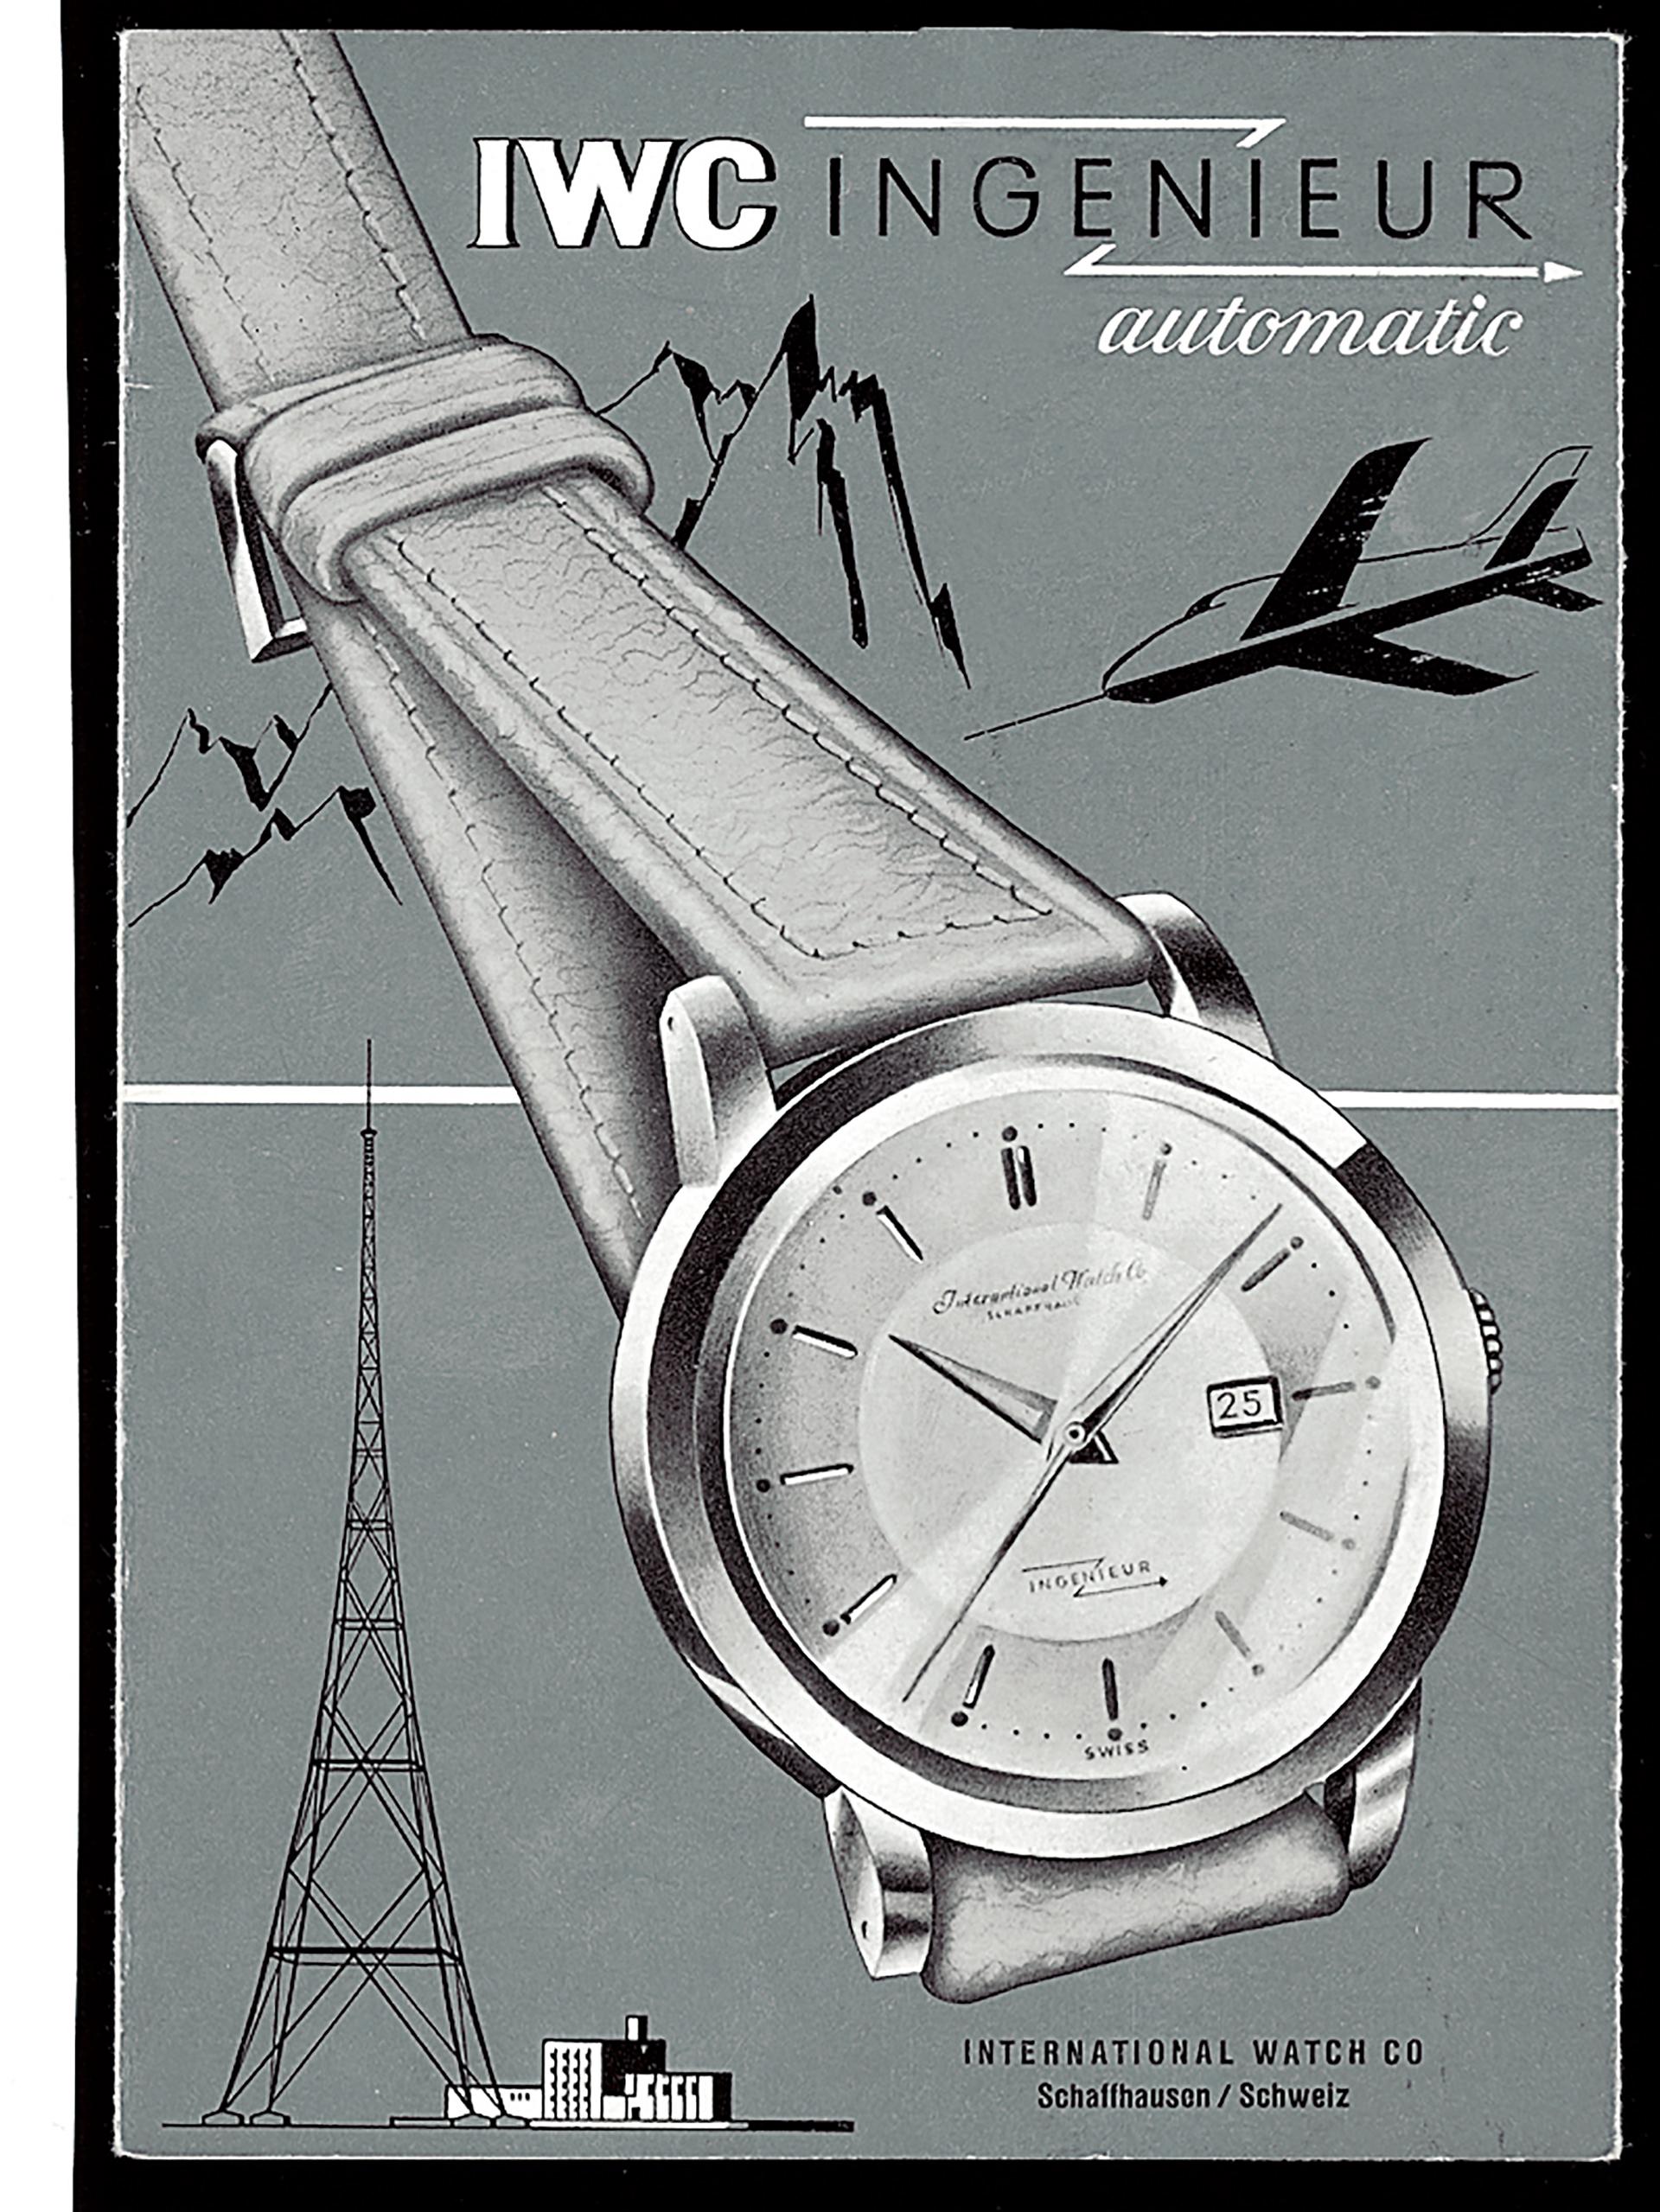 IWC historische Werbung